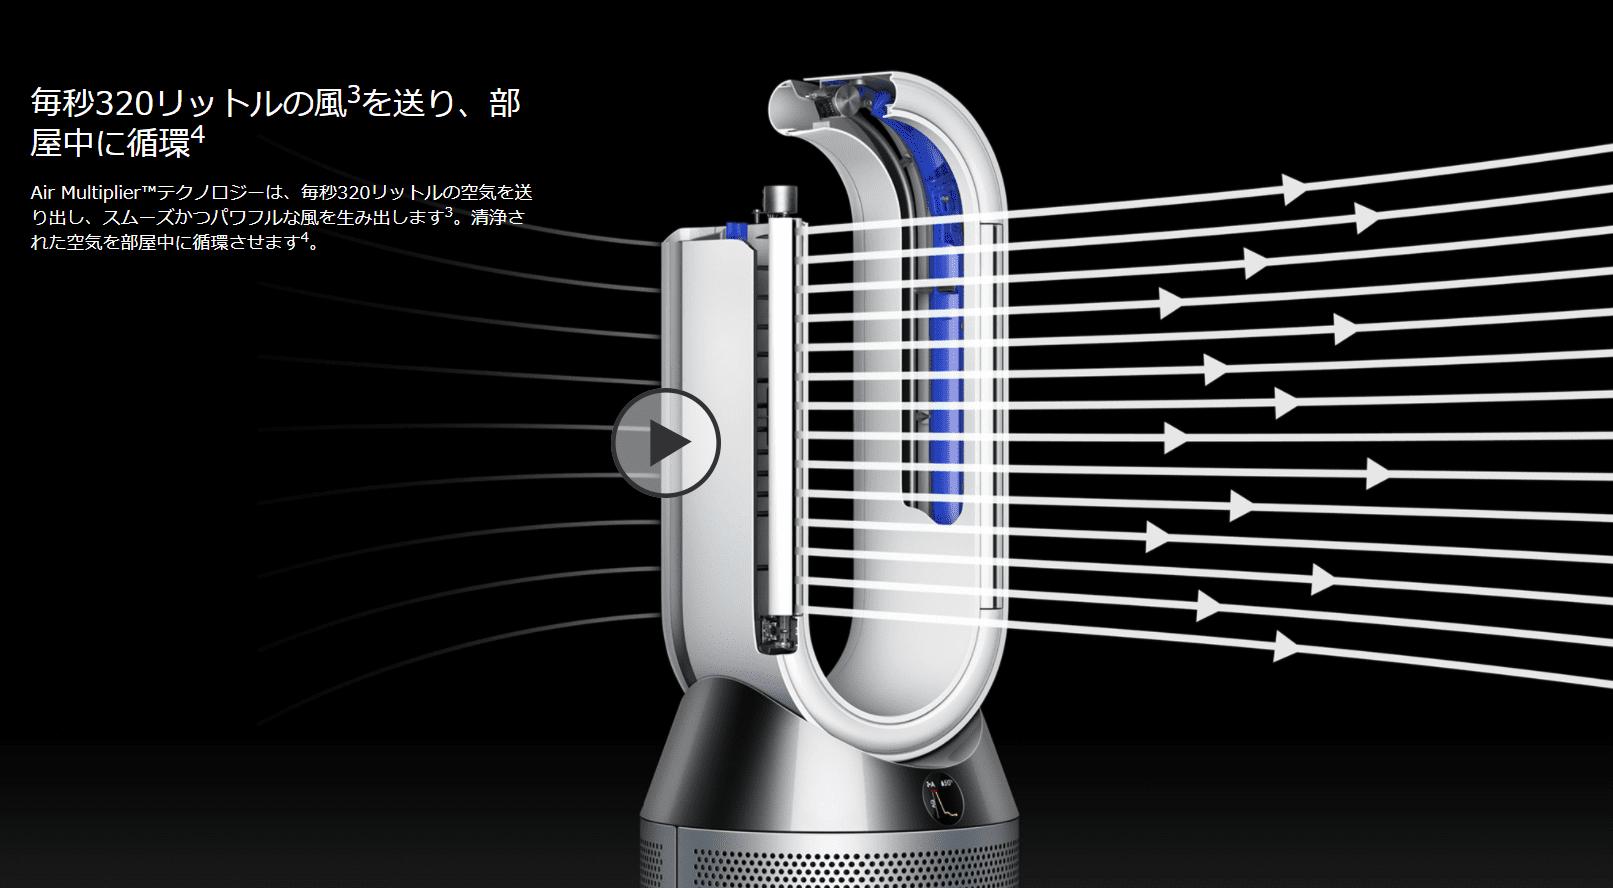 【2020最新・ダイソン扇風機】羽根無し扇風機の代表格!空気清浄・加湿・ヒーター機能が搭載されたDysonピュアクールシリーズ比較|使い方・電気代もご紹介|機種について:「pure humidify+cool」(型式:PH01)